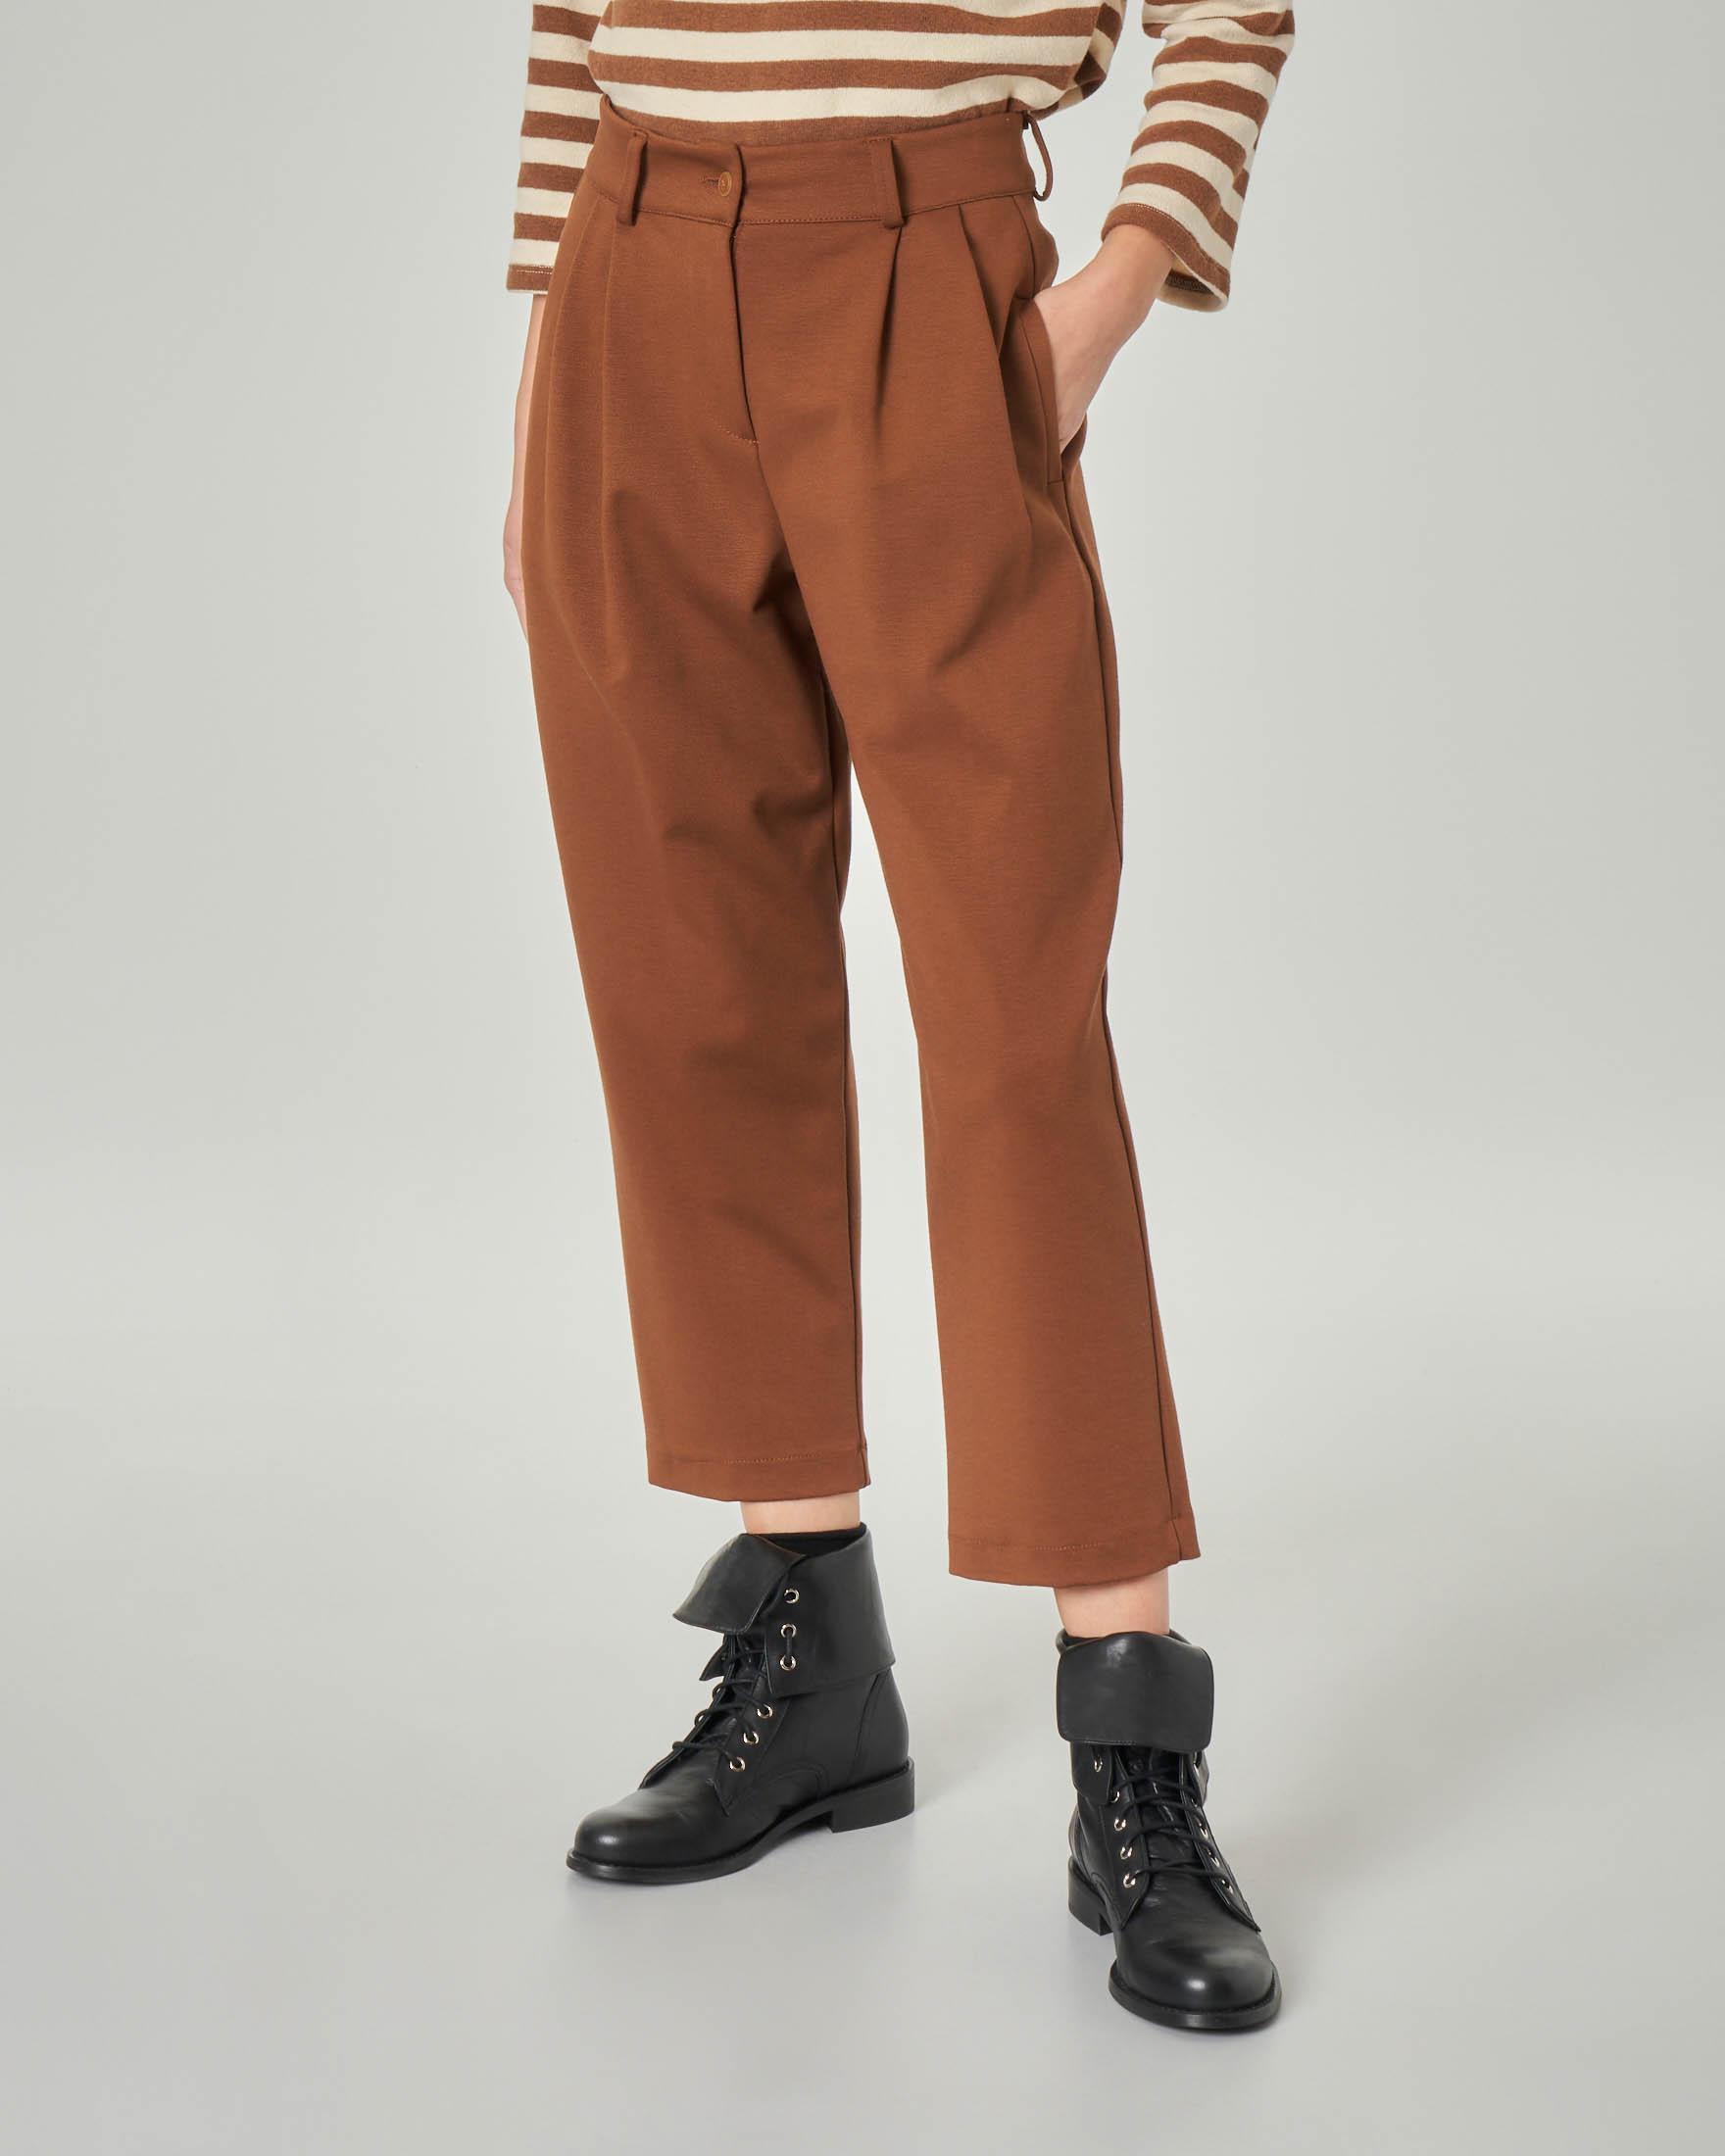 Pantaloni cropped color tabacco in misto viscosa a vita alta con doppia pince